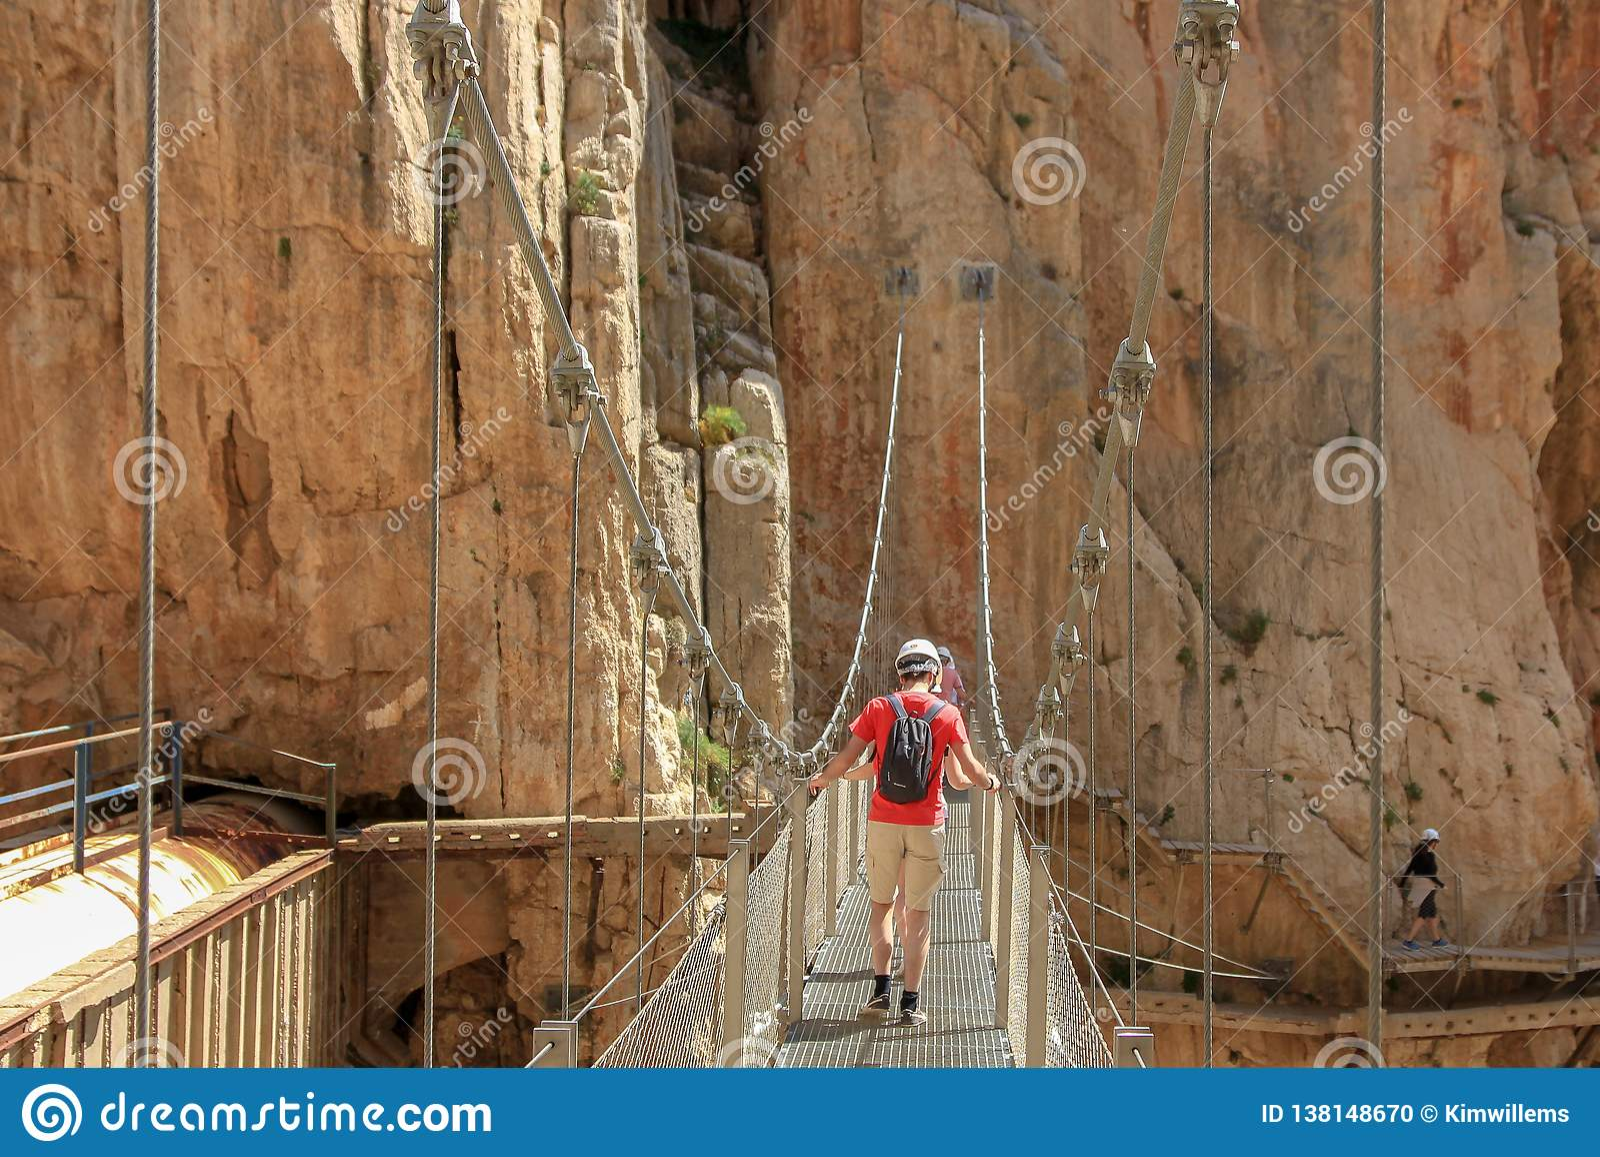 Kruising cliffes door een hangende brug met calbes